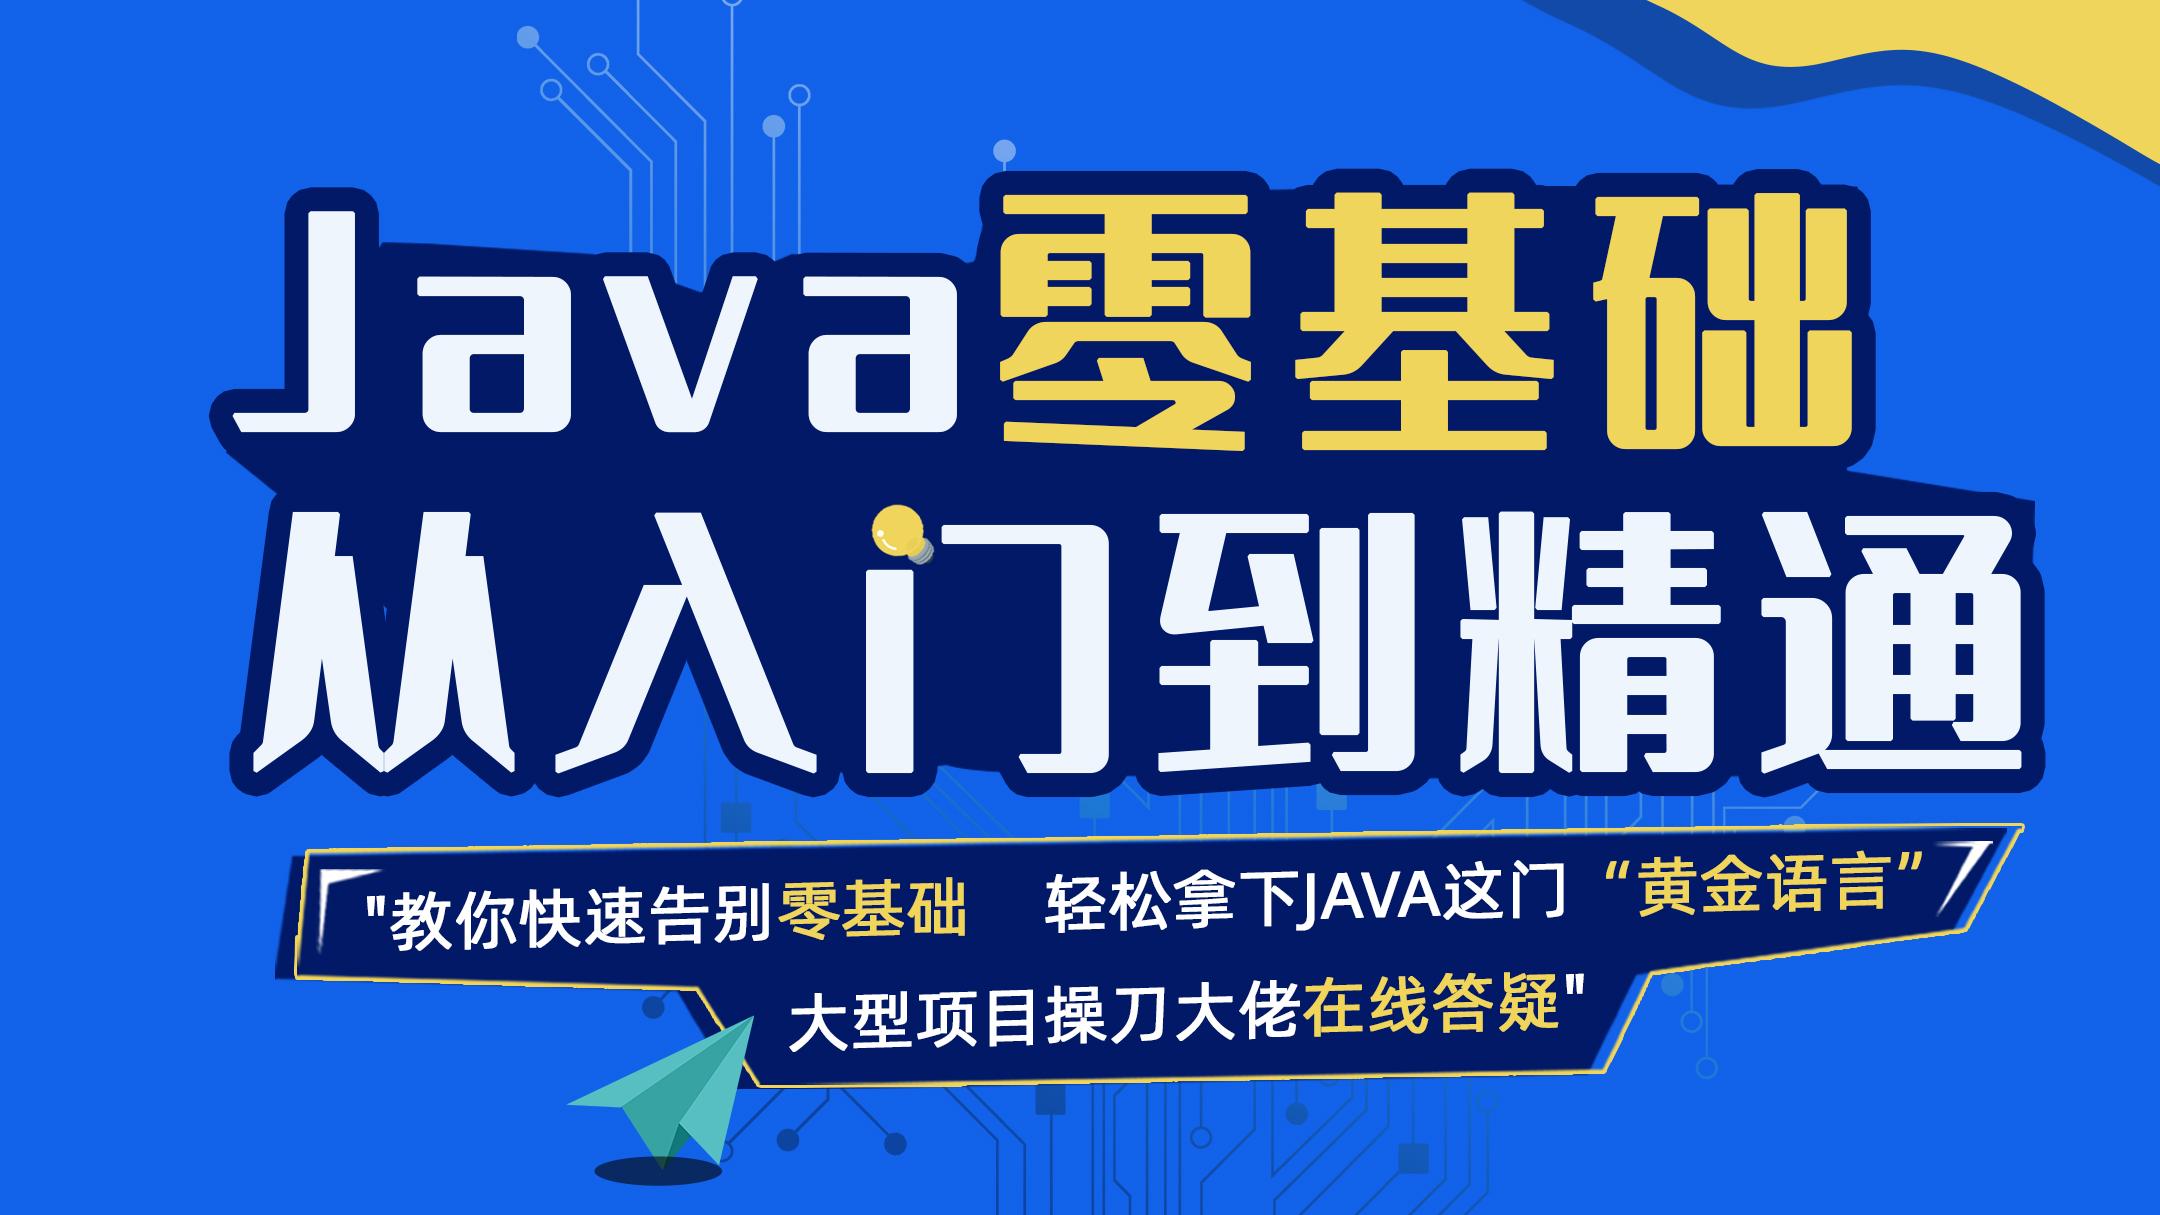 【乐程学院】Java零基础从入门到精通